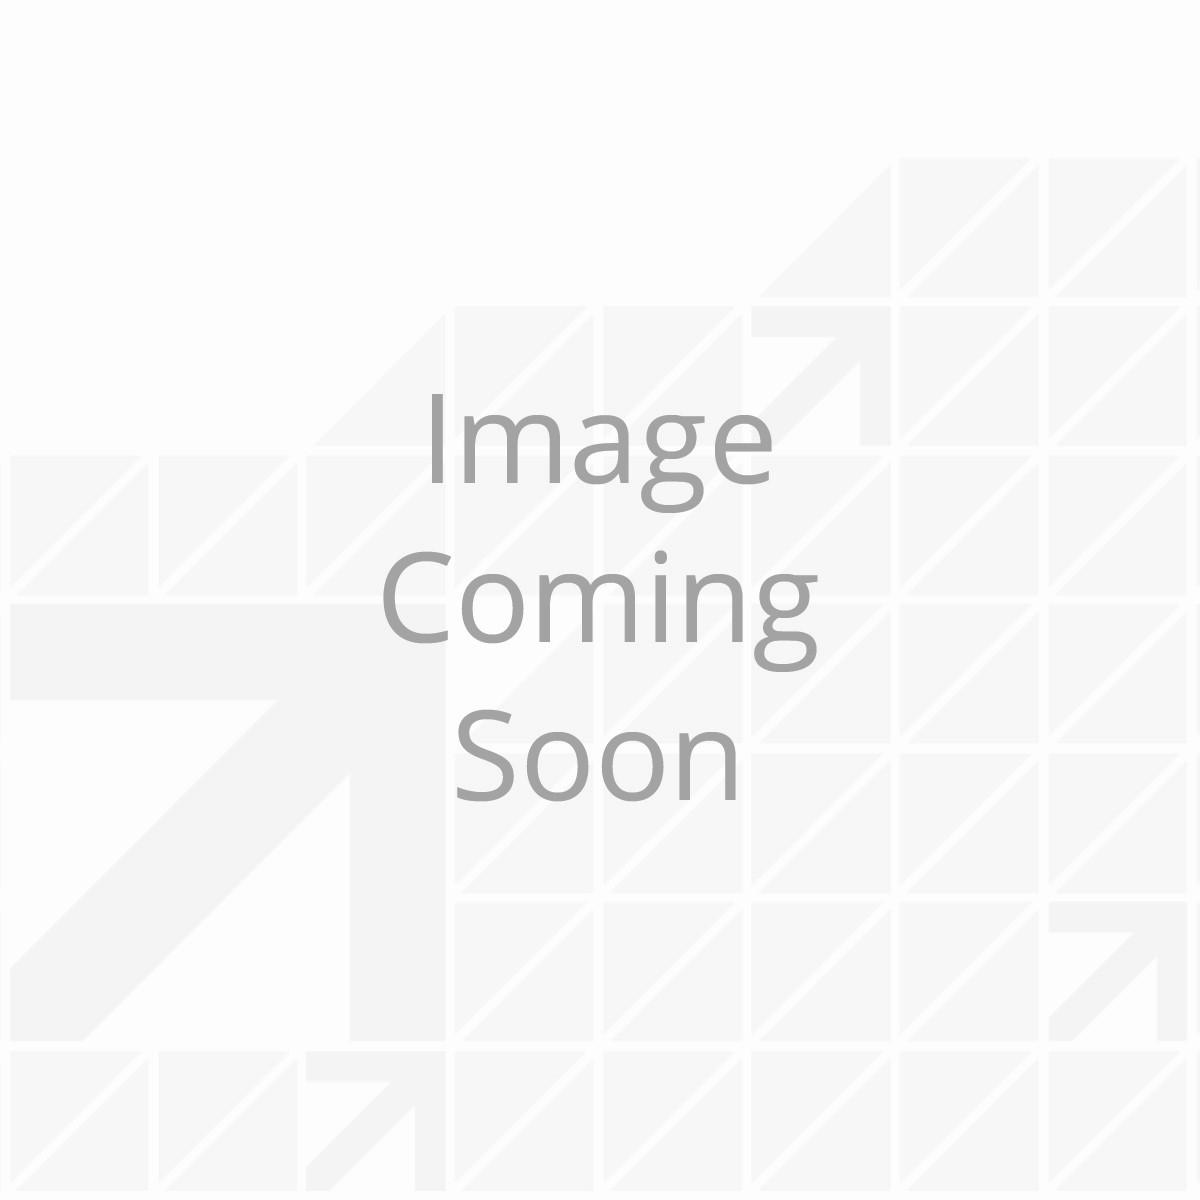 IG-42gm 12v Motor; Schwintek? In-Wall Slide-Out